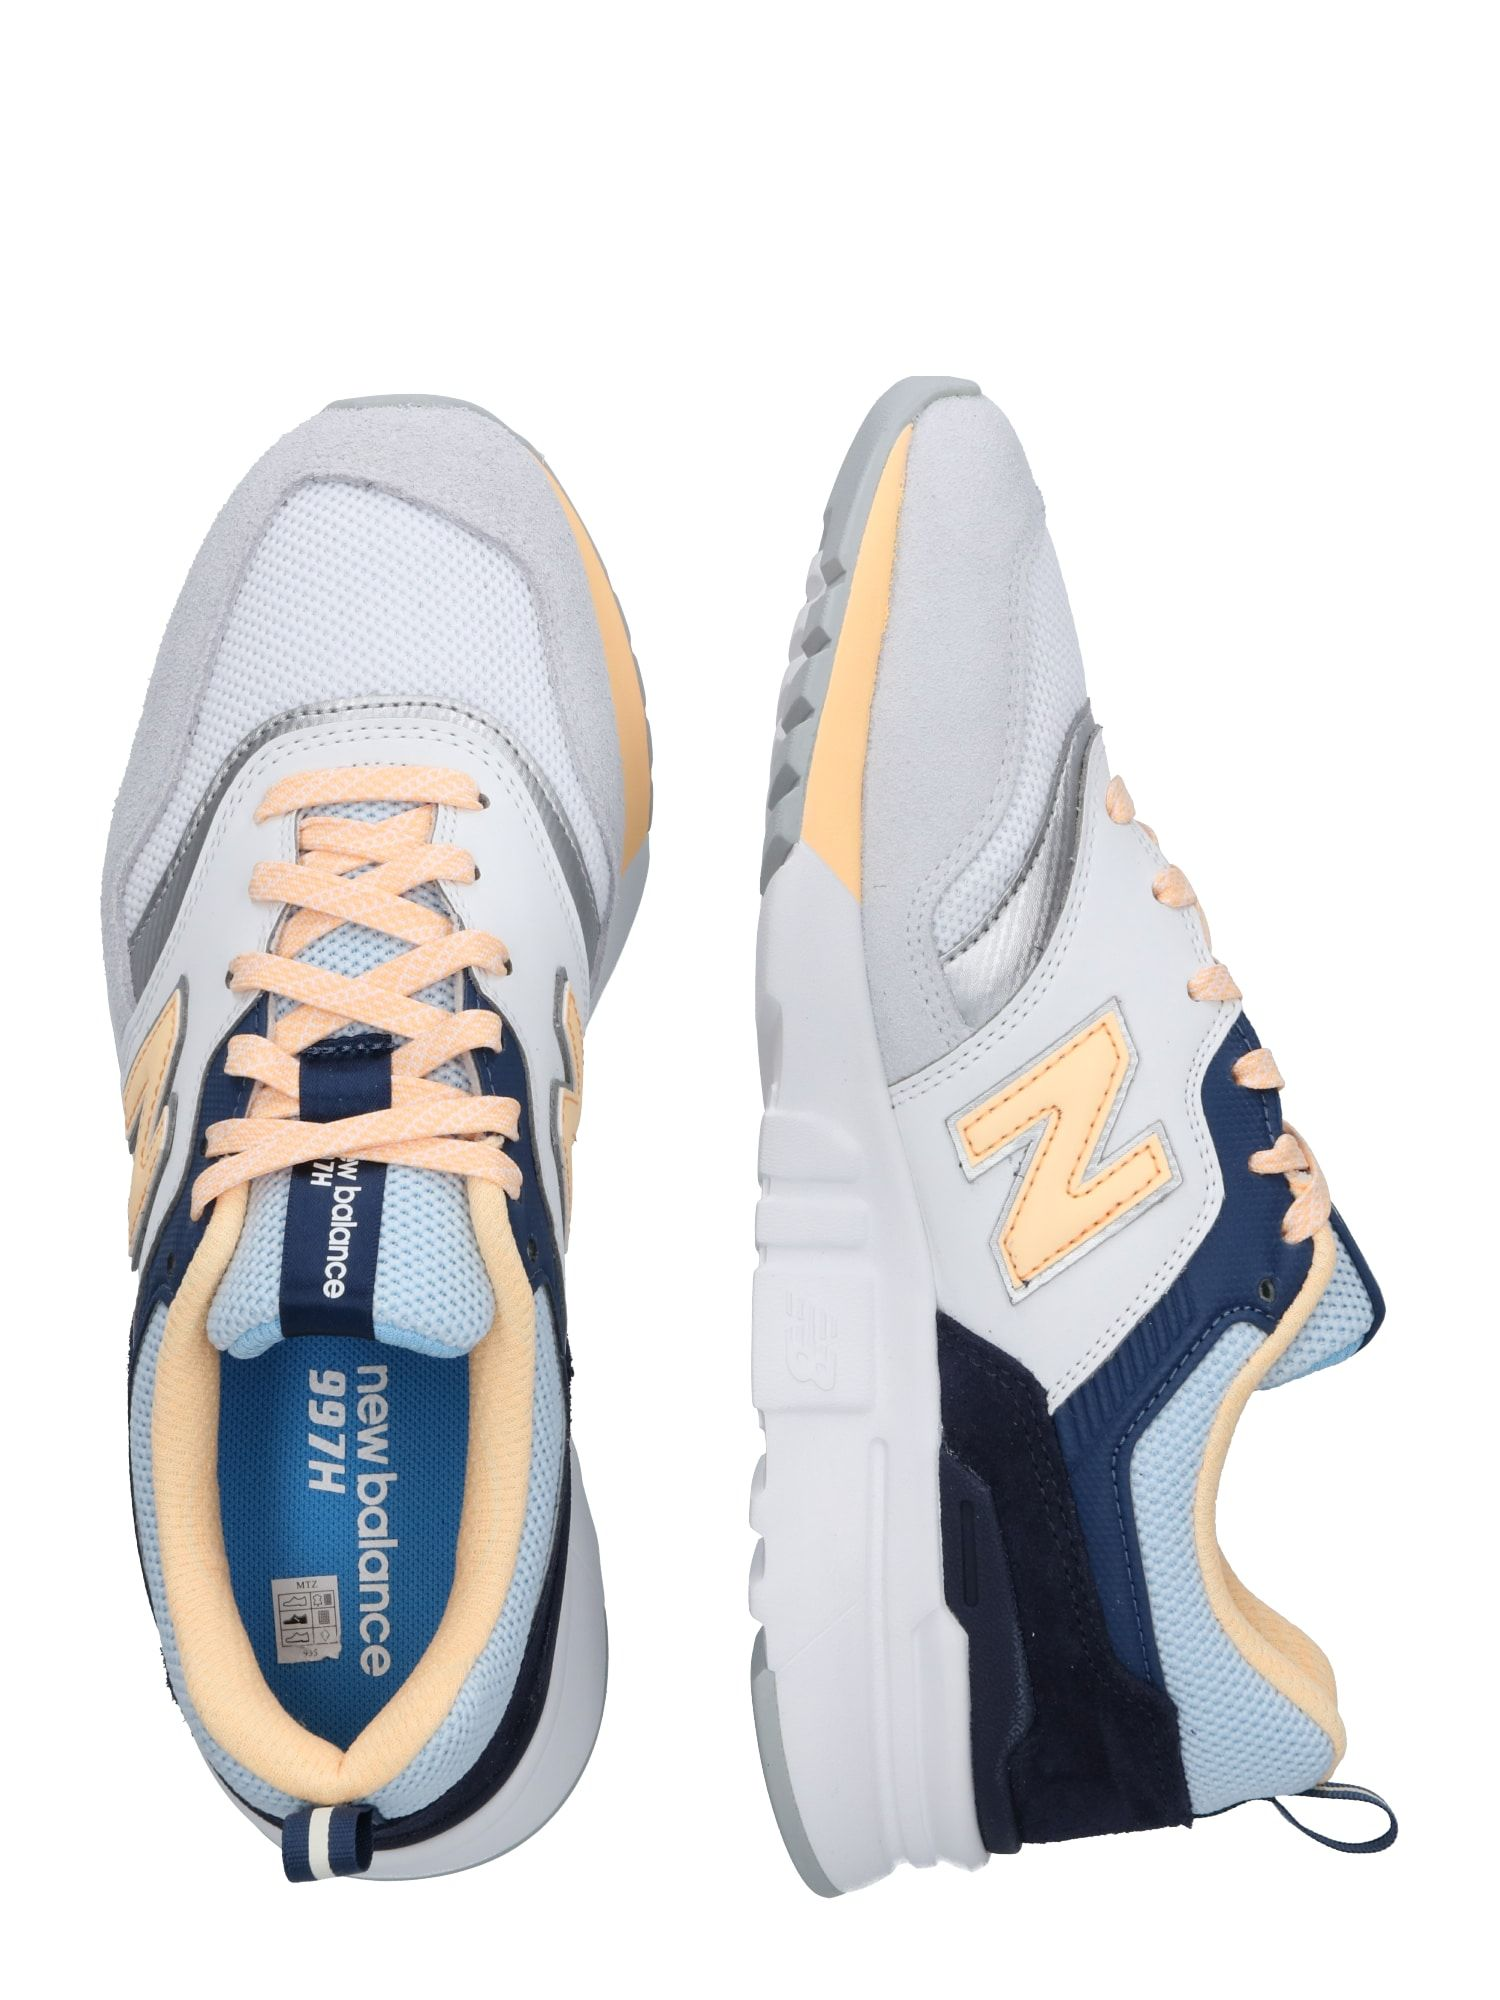 New Balance Sneaker 'CW 997' Damen, Gelb / Schwarz / Weiß ...